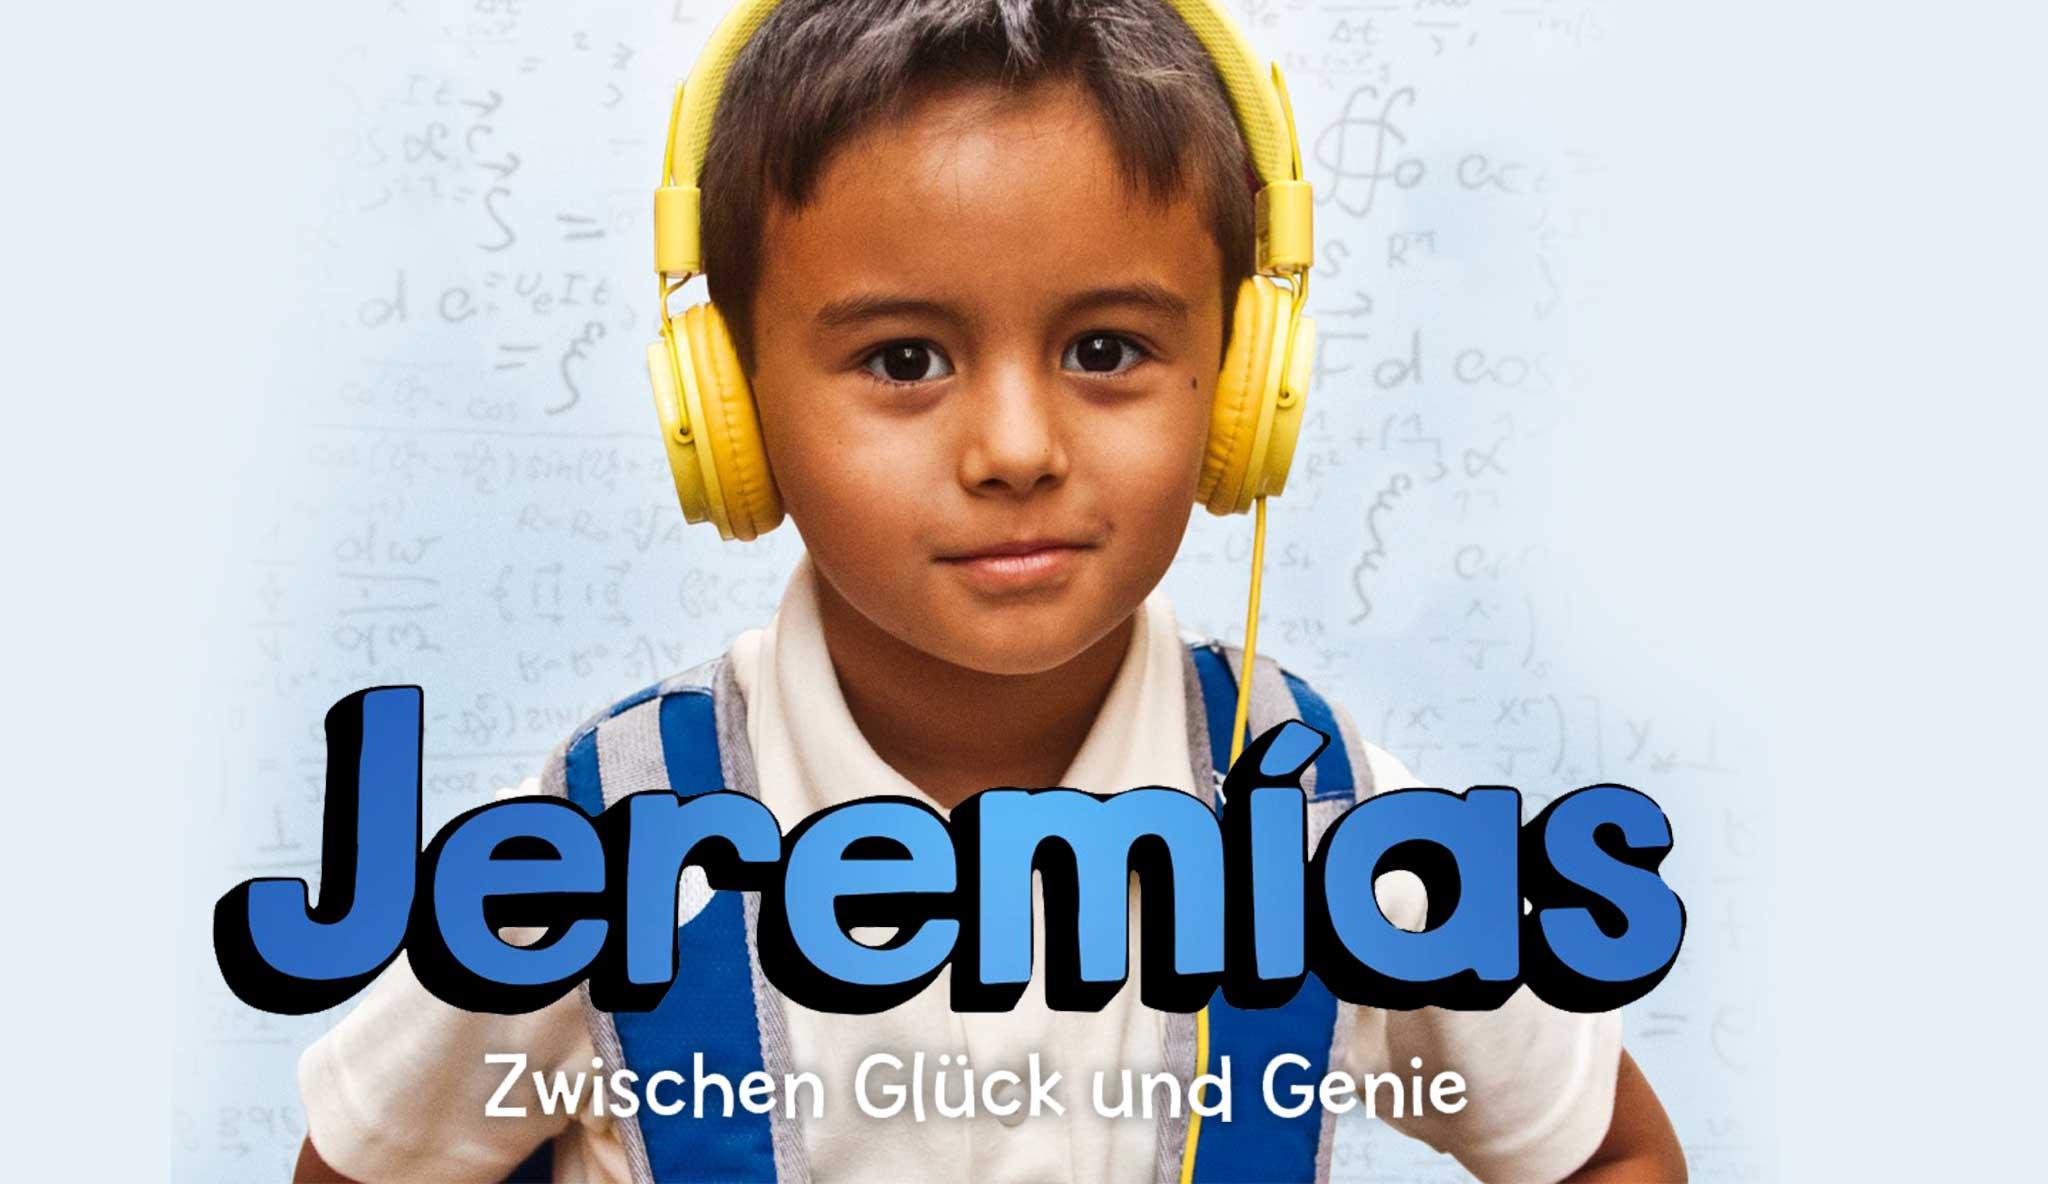 jeremias-zwischen-gluck-und-genie\header.jpg